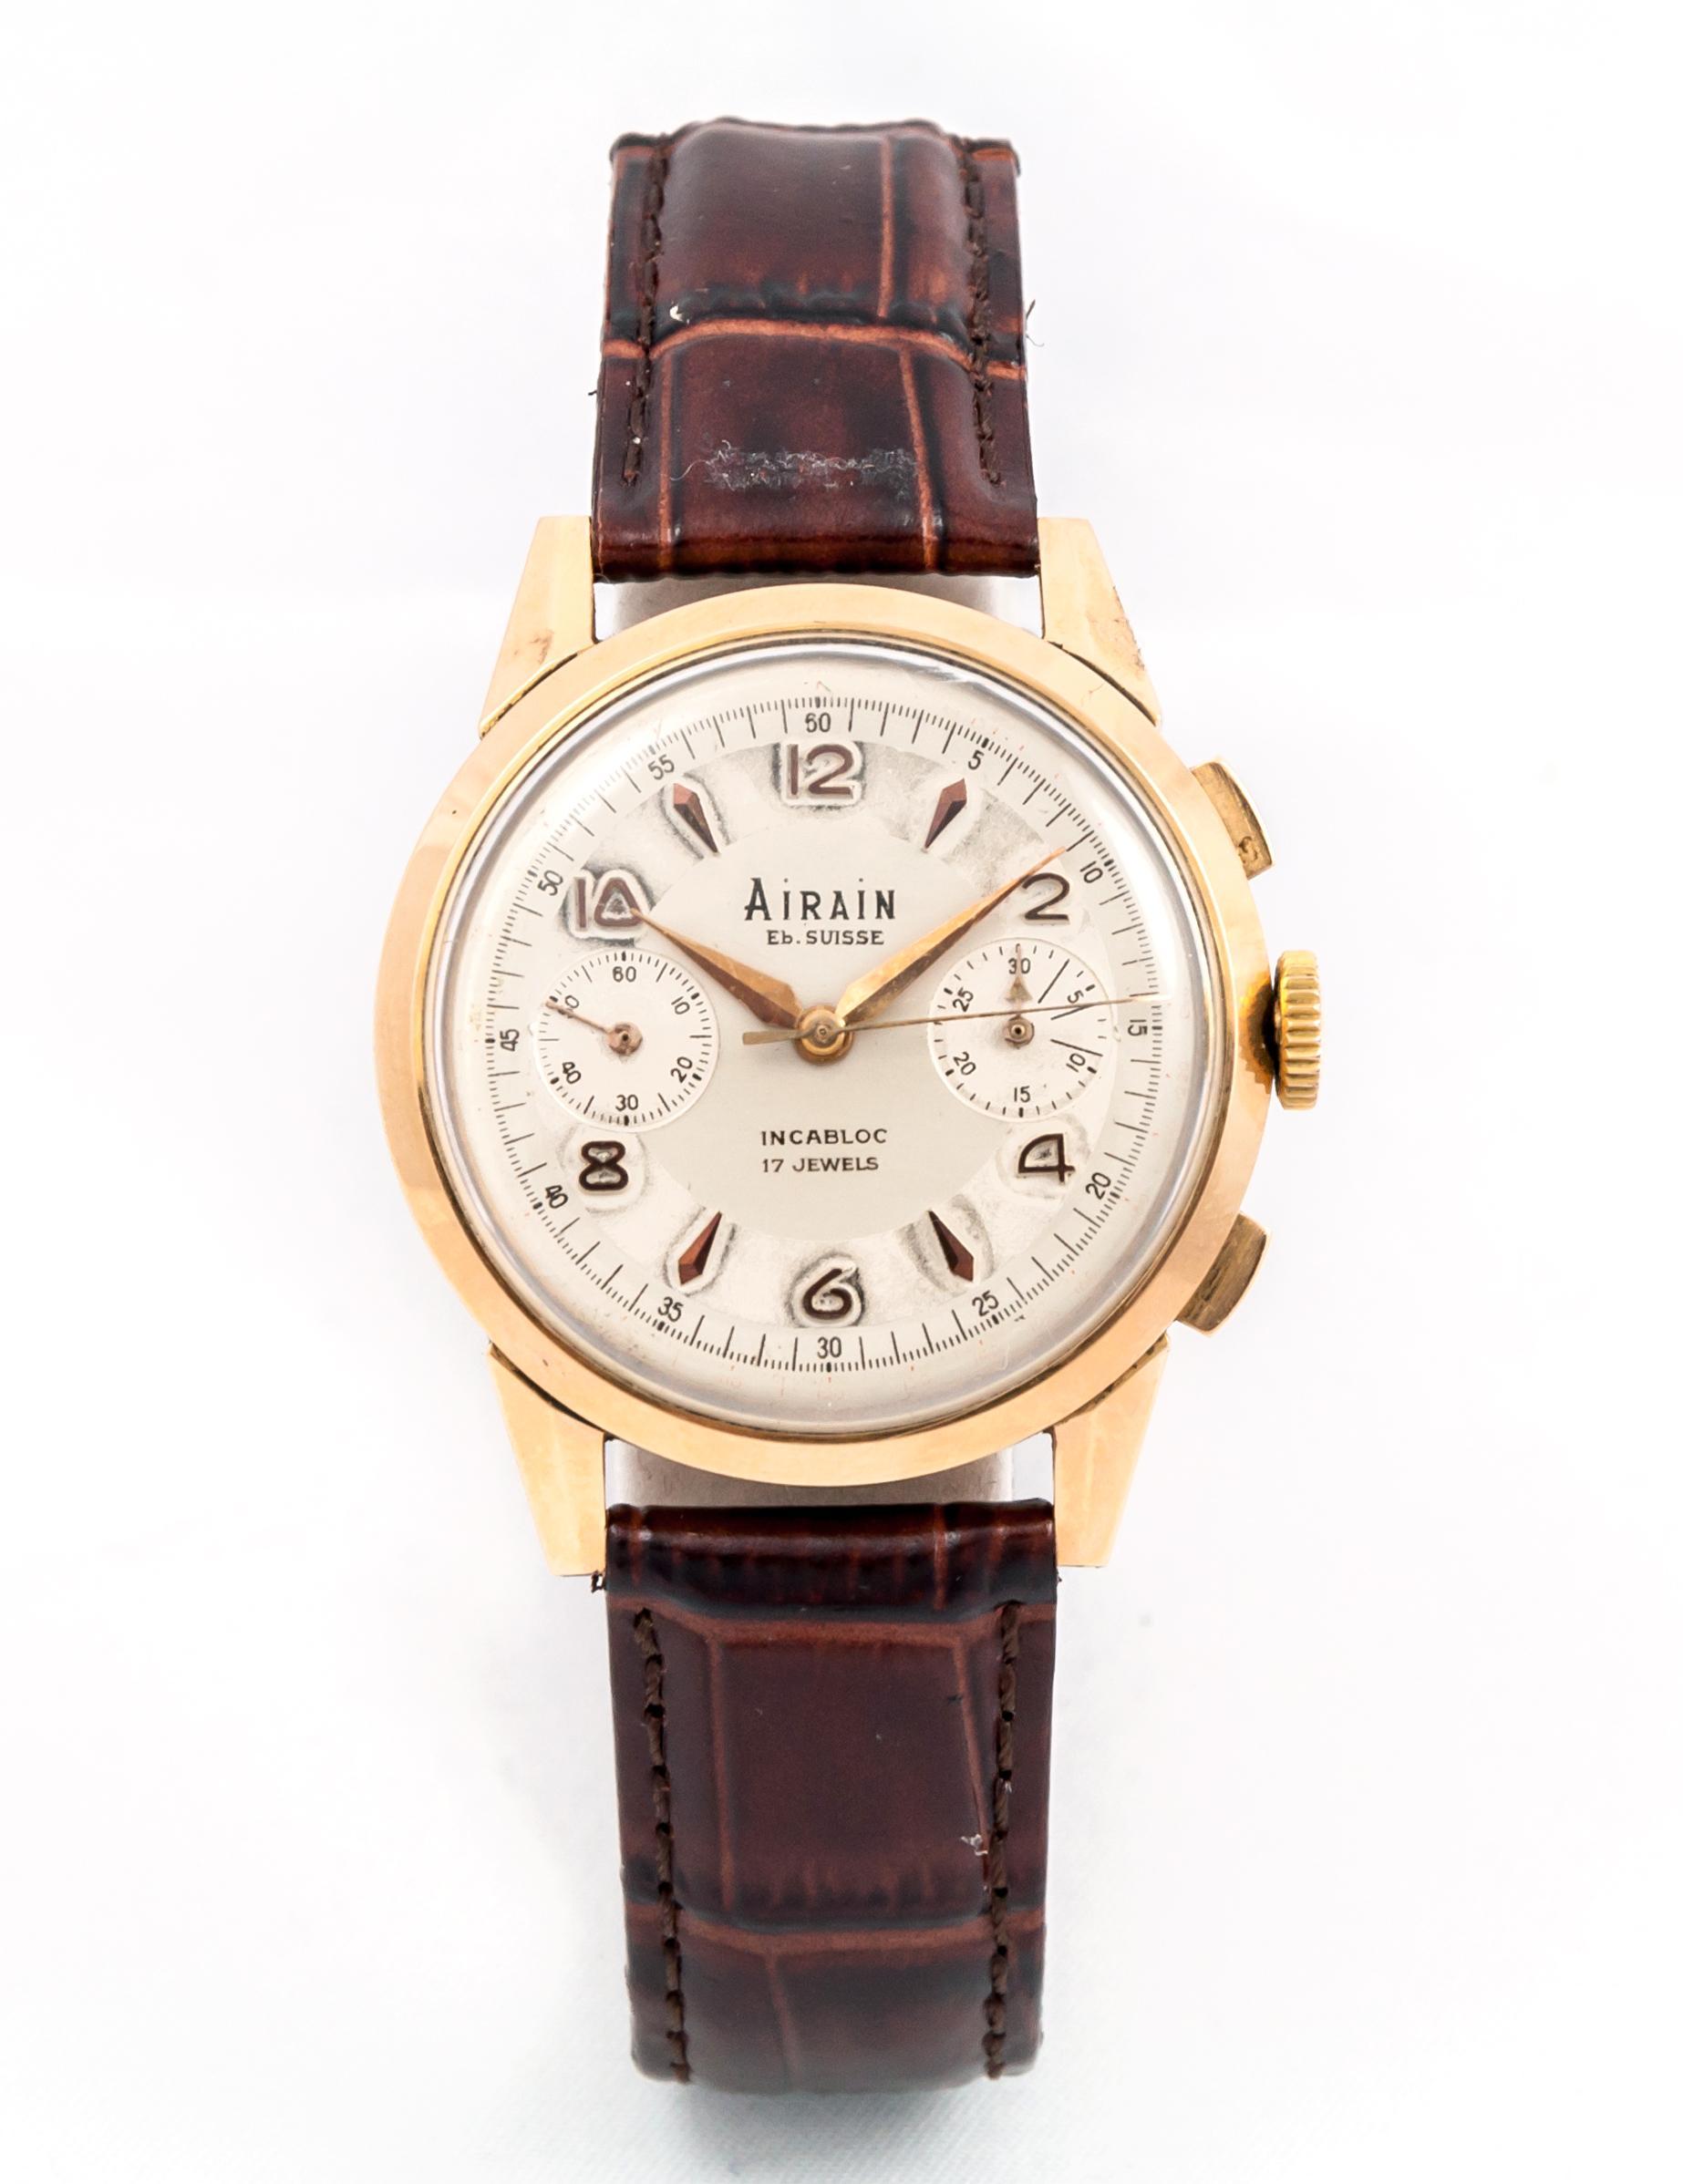 En Et Chronomètre Montre Or 18kC1960 Bijoux Rose Airain Pn0wOk